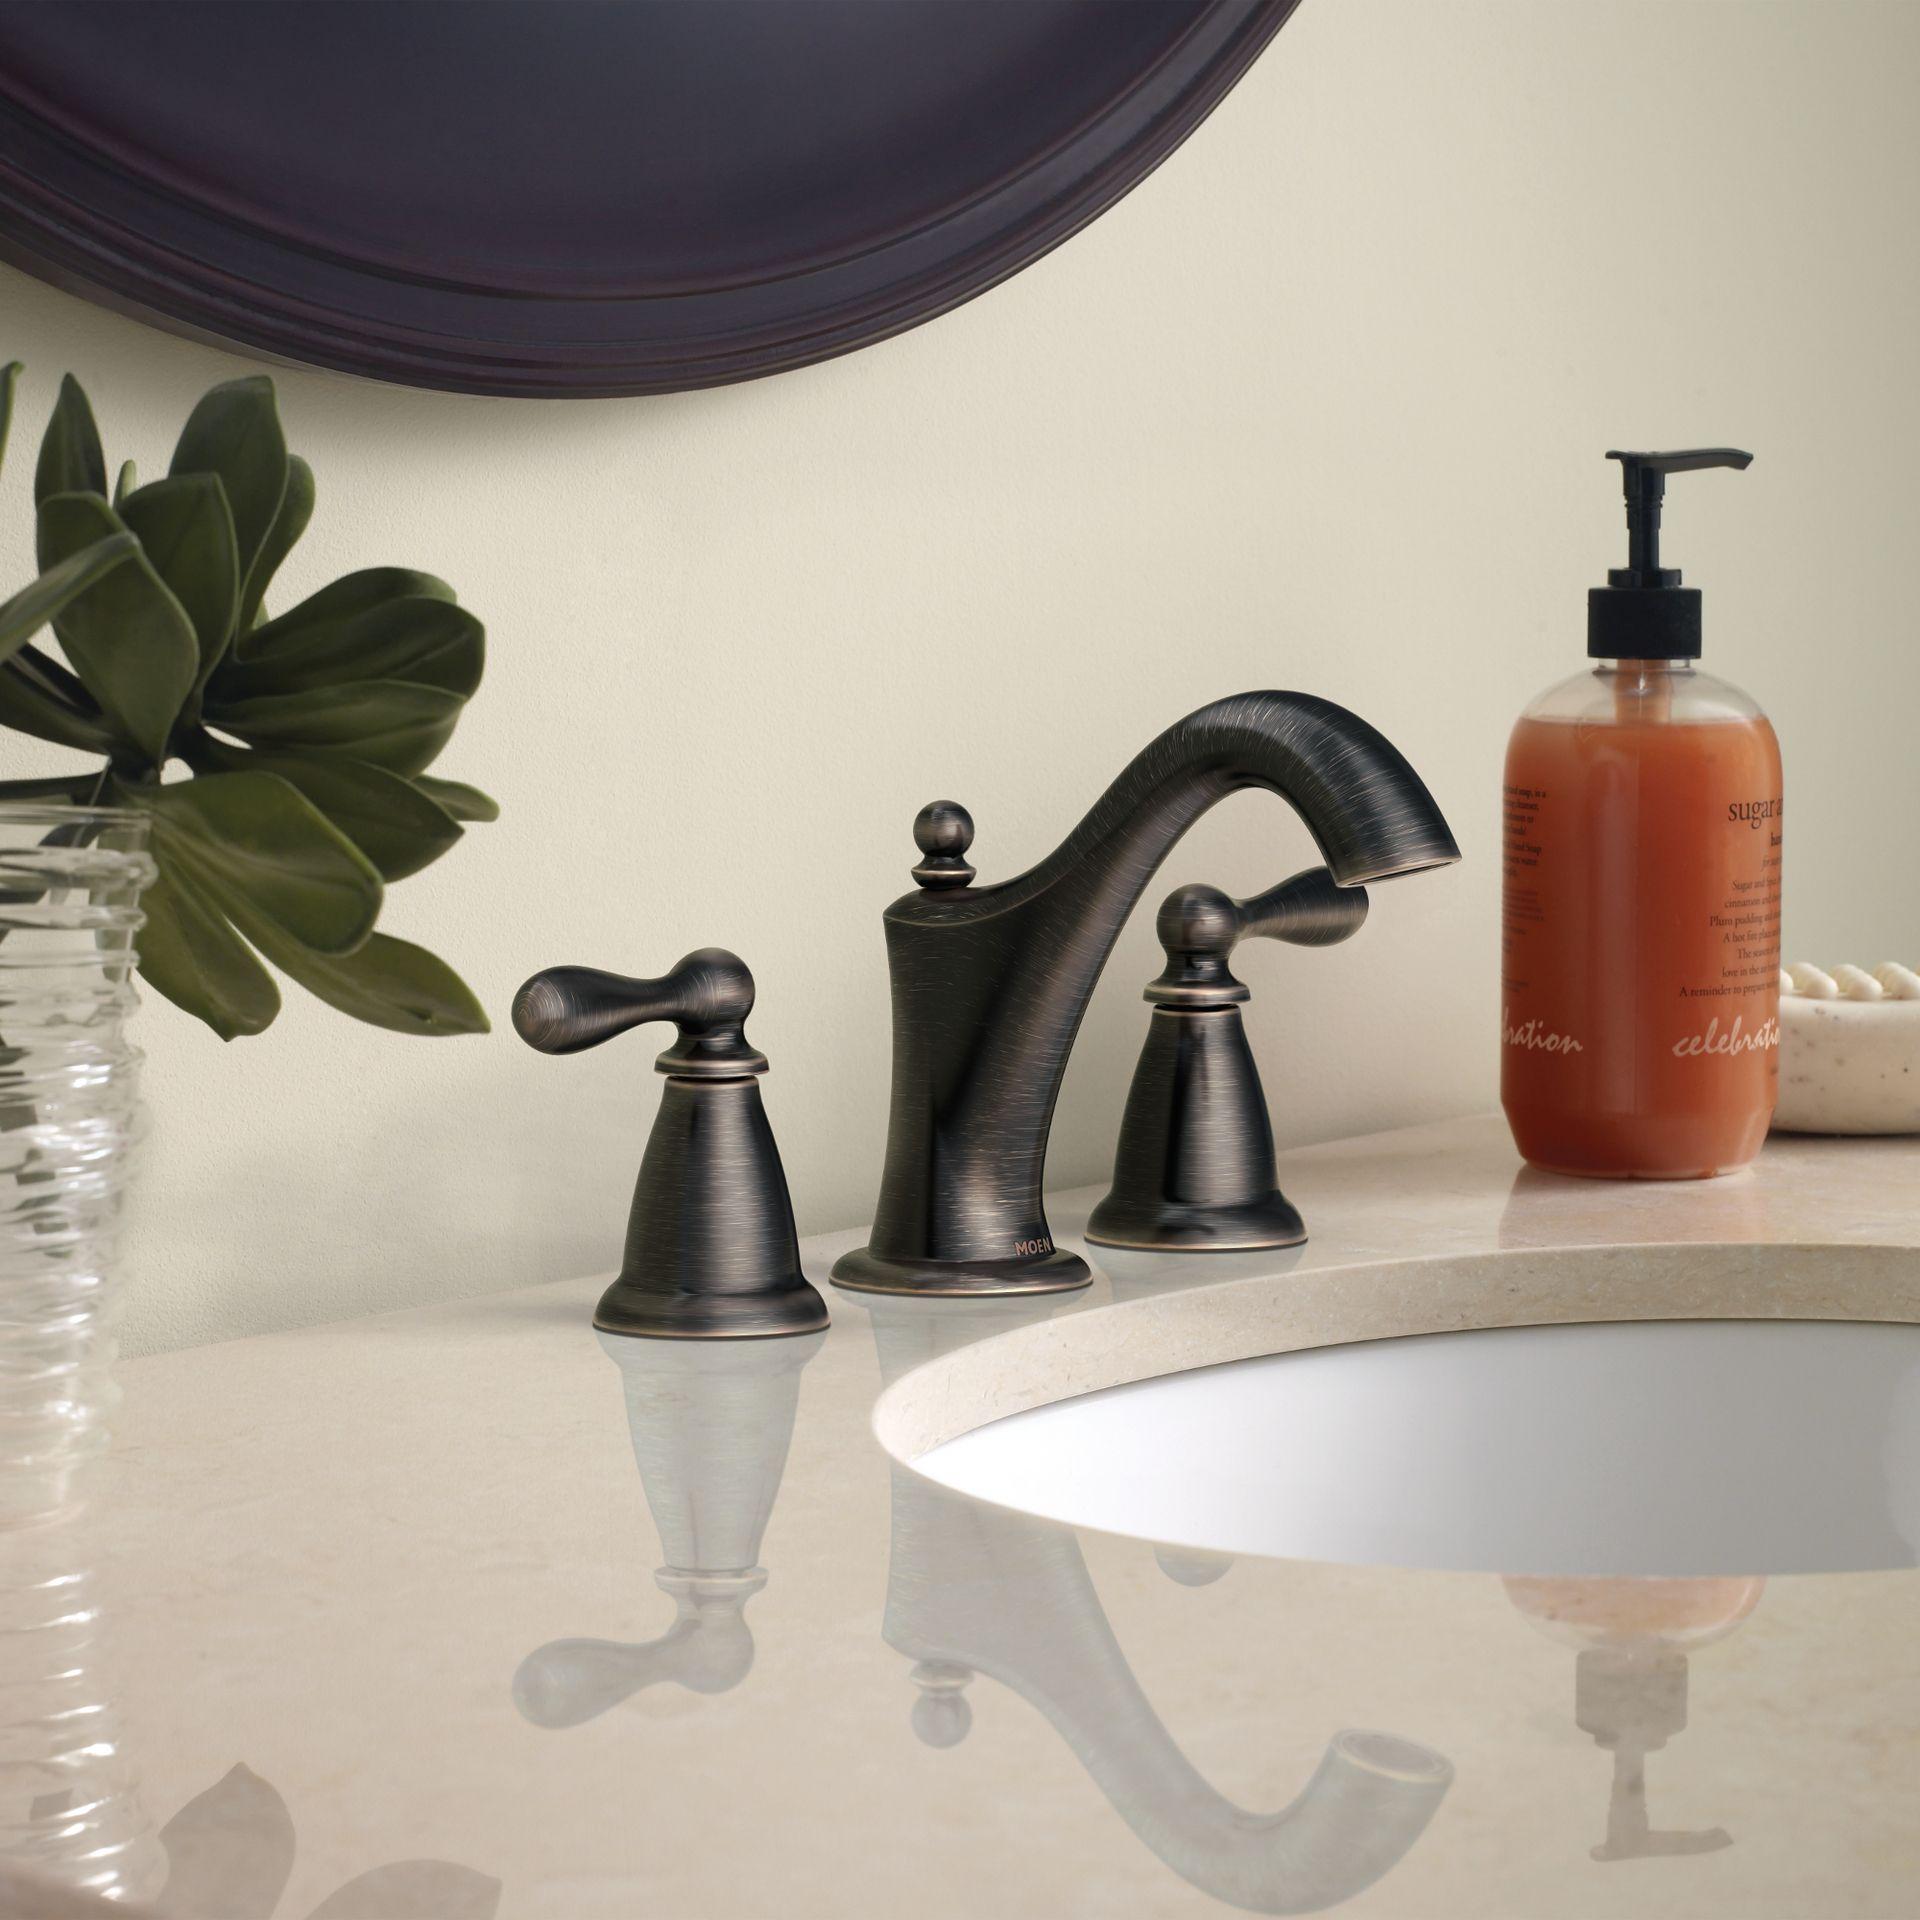 Moen Caldwell Mediterranean Bronze 2 Handle Widespread Watersense Bathroom Sink Faucet With Drain Lowes Com Bronze Bathroom Faucets High Arc Bathroom Faucet Faucet [ 1920 x 1920 Pixel ]